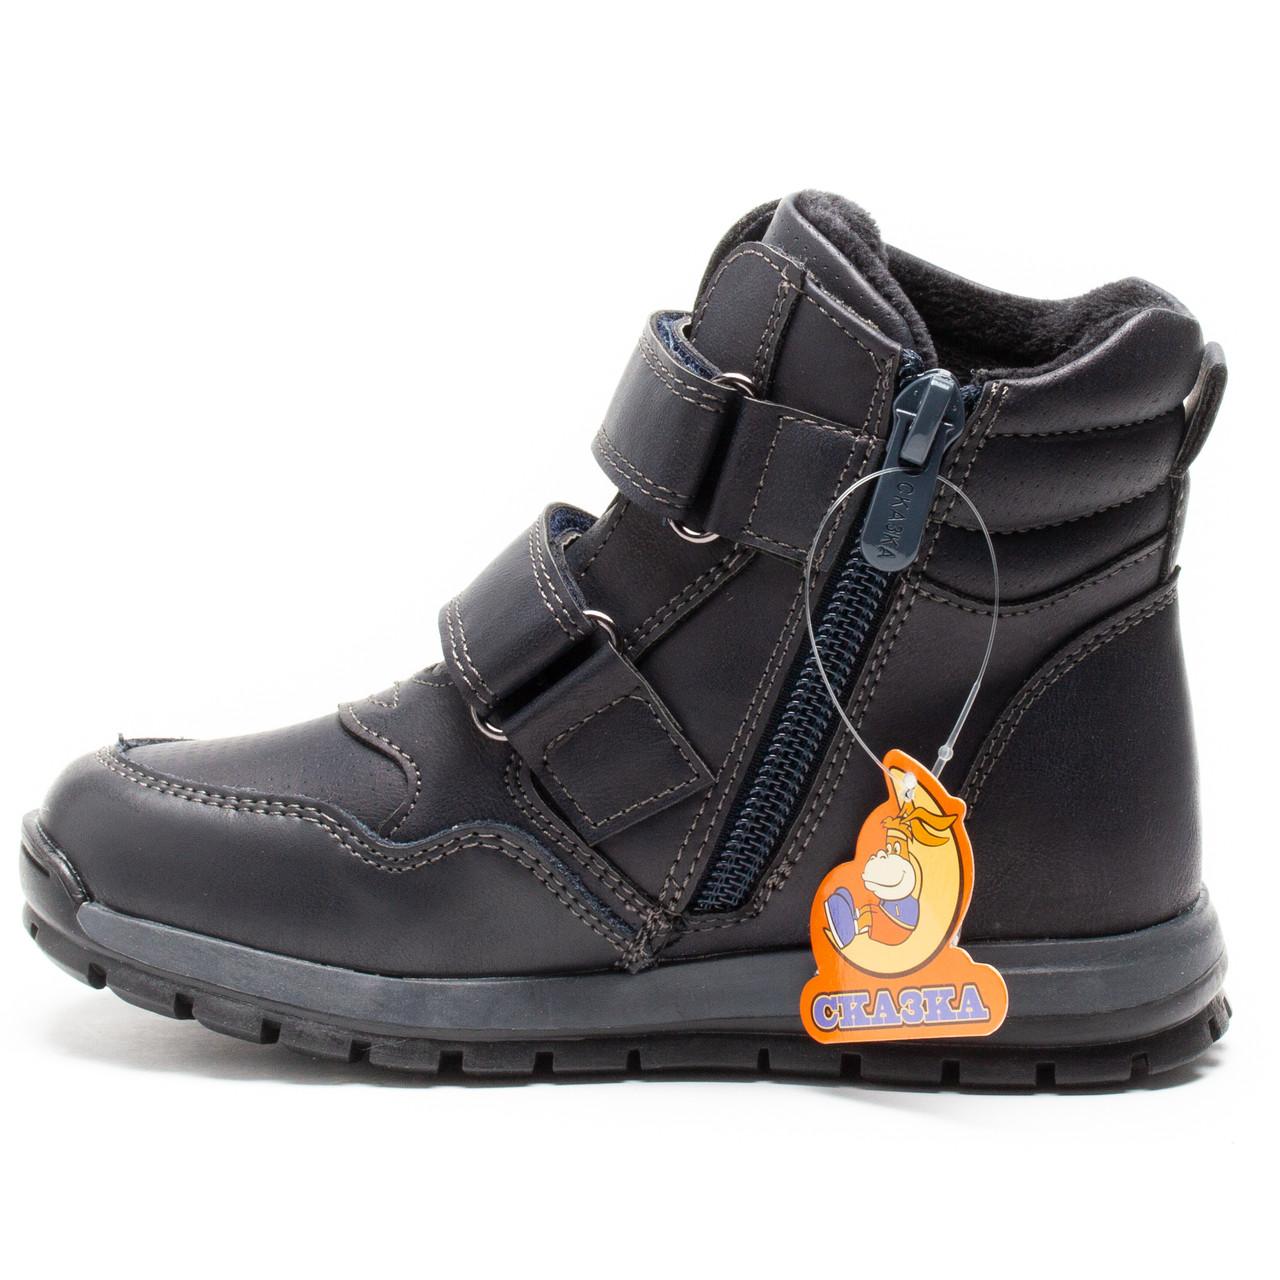 1def8c5cb Подростковые демисезонные ботинки для мальчика ТМ